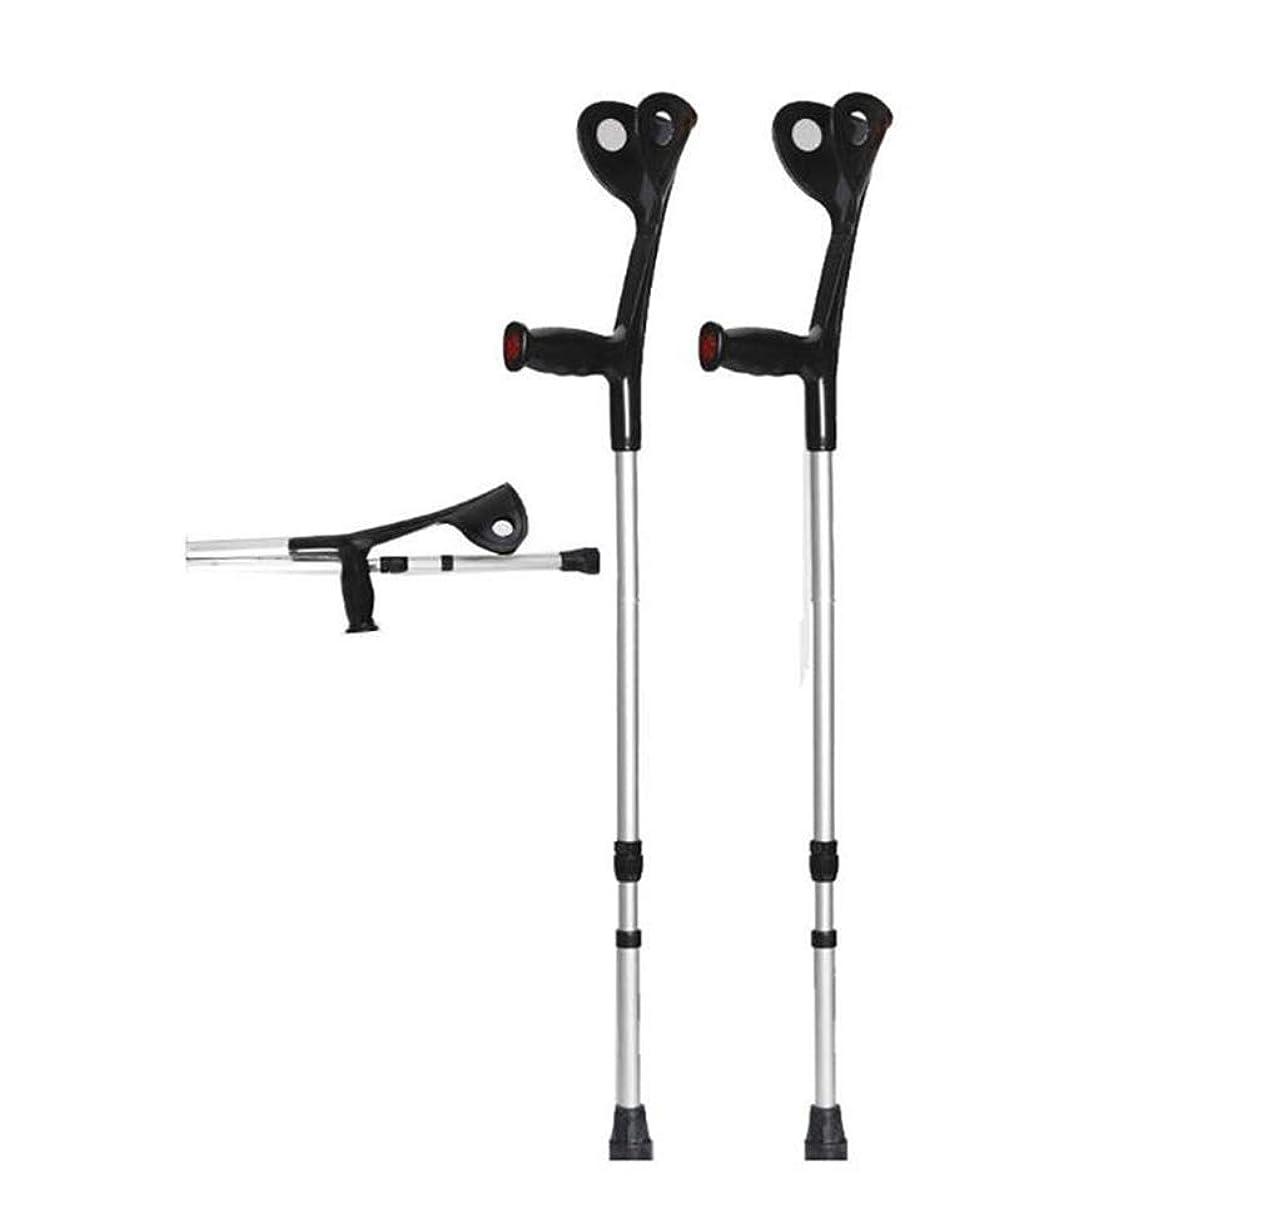 コーヒーリビングルームドアミラー松葉杖折りたたみ歩行前腕松葉杖軽量アームカフ松葉杖調節可能な脇の松葉杖大人用, 人間工学に基づいたハンドル